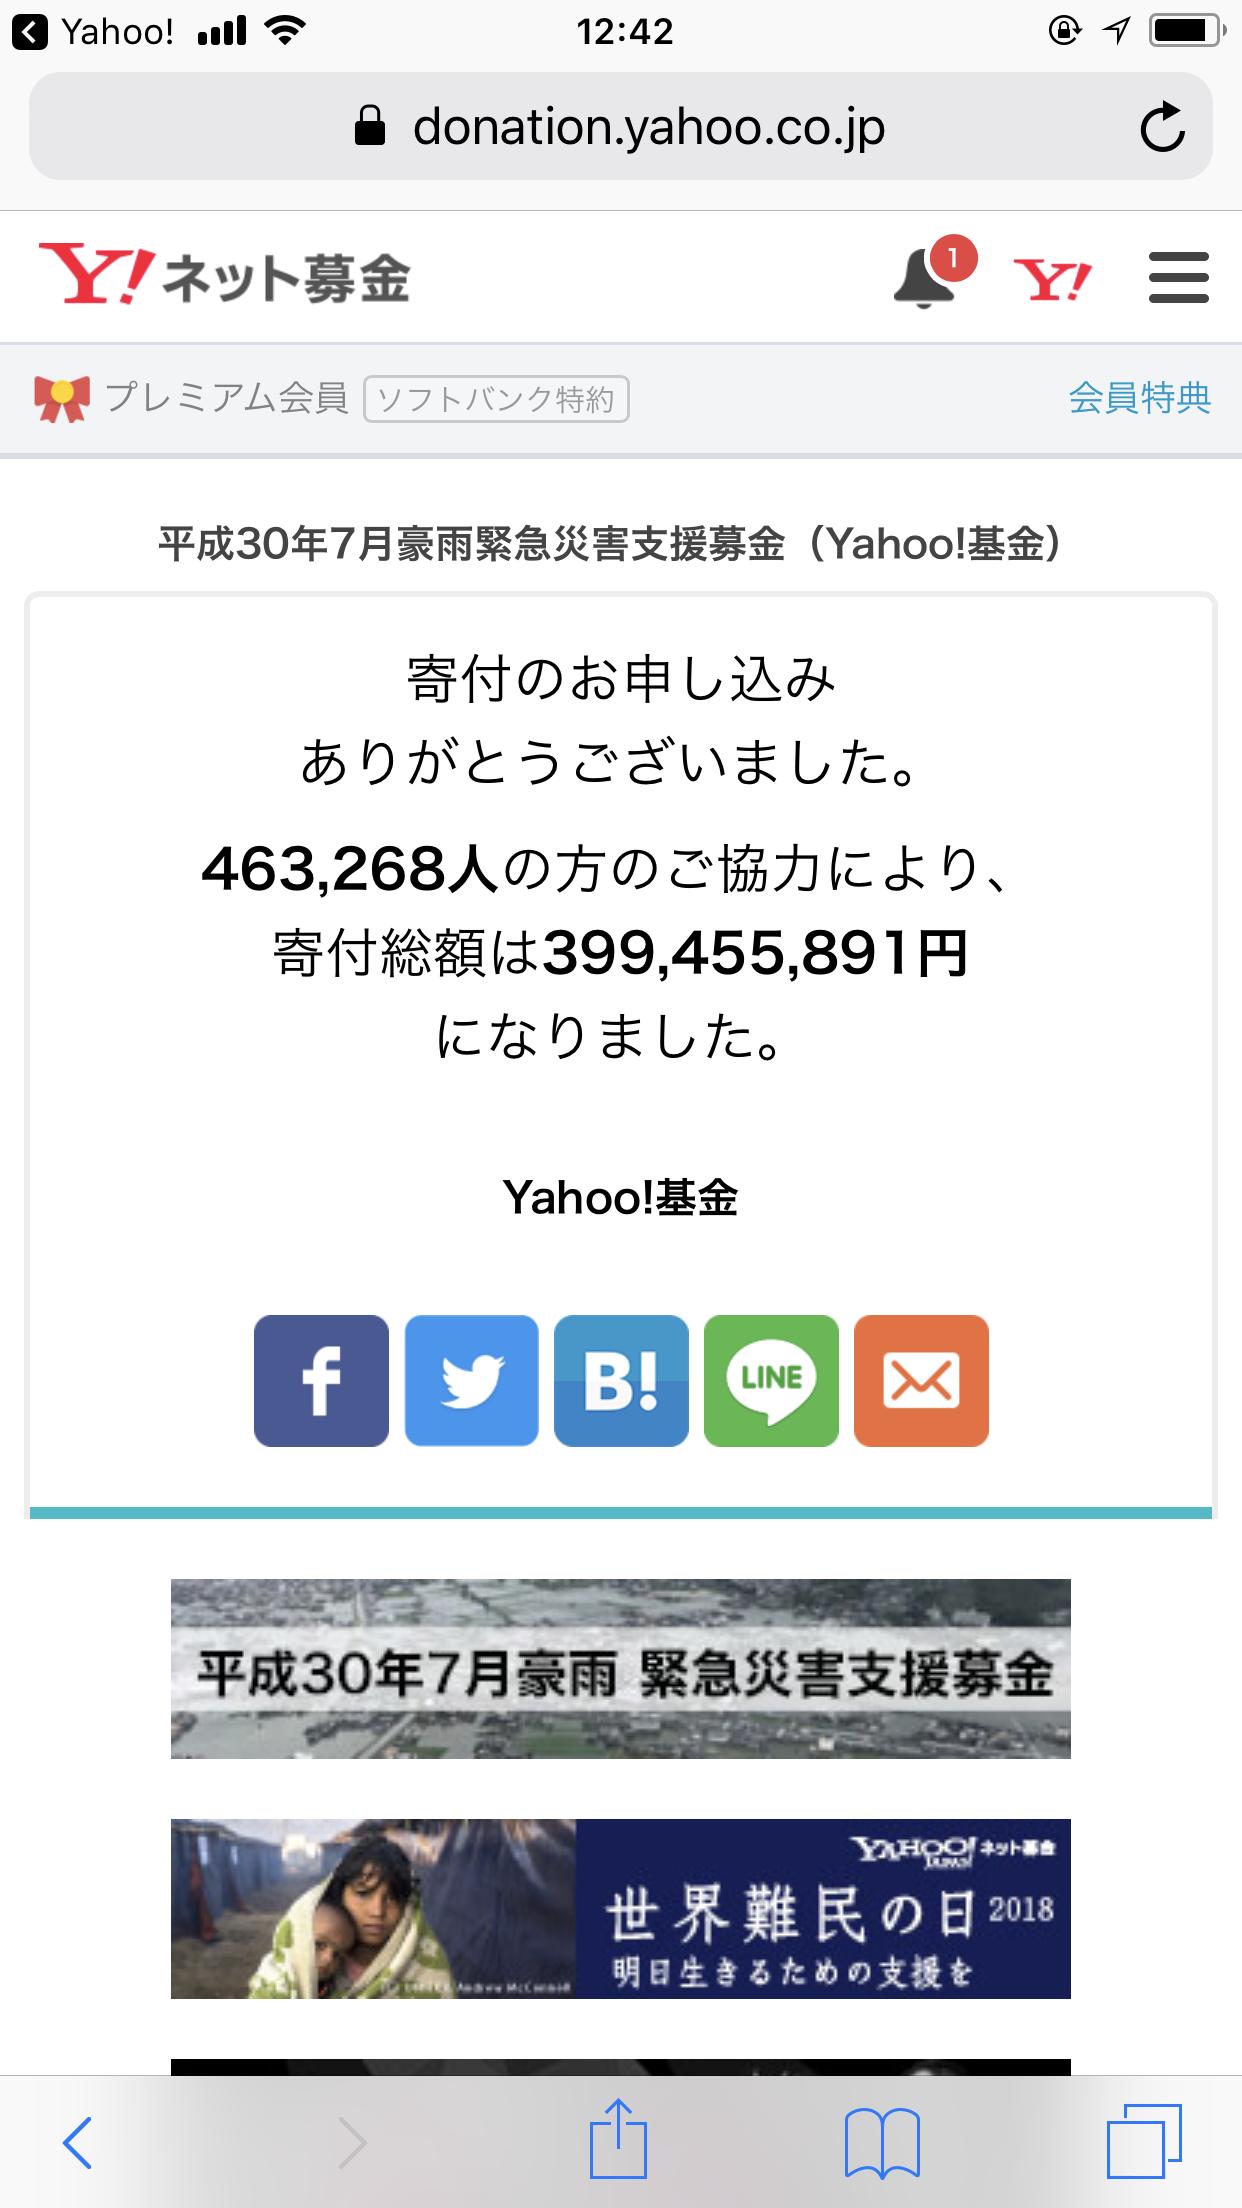 西日本豪雨の義援金はどこに寄付しましたか?